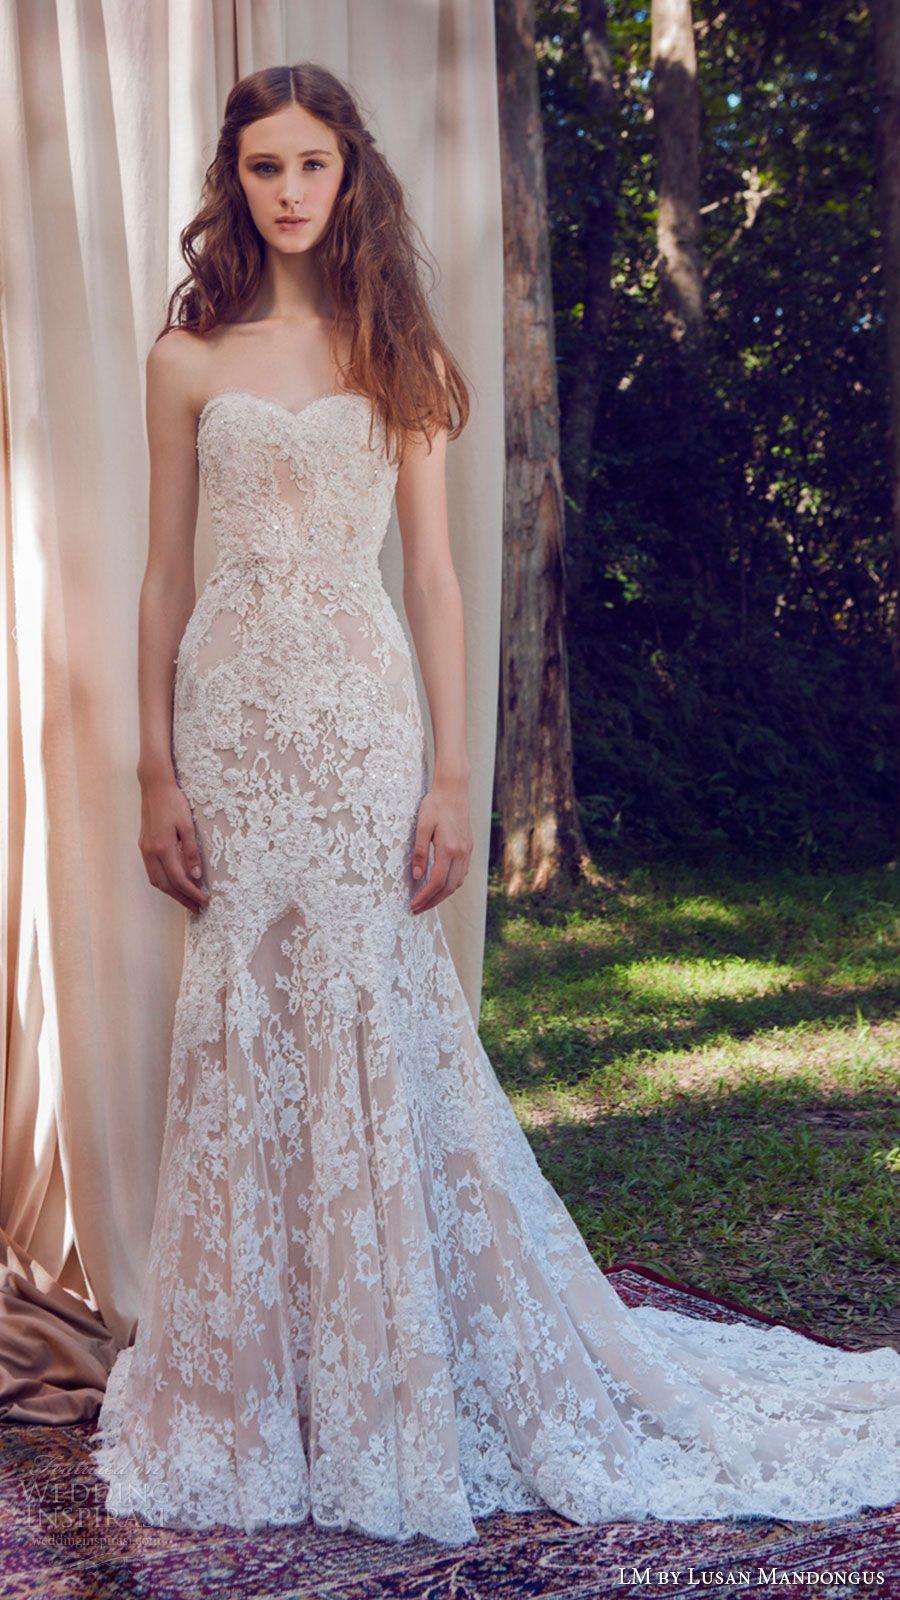 Blush mermaid wedding dress  LM by Lusan Mandongus  Wedding Dresses  Wedding  Pinterest